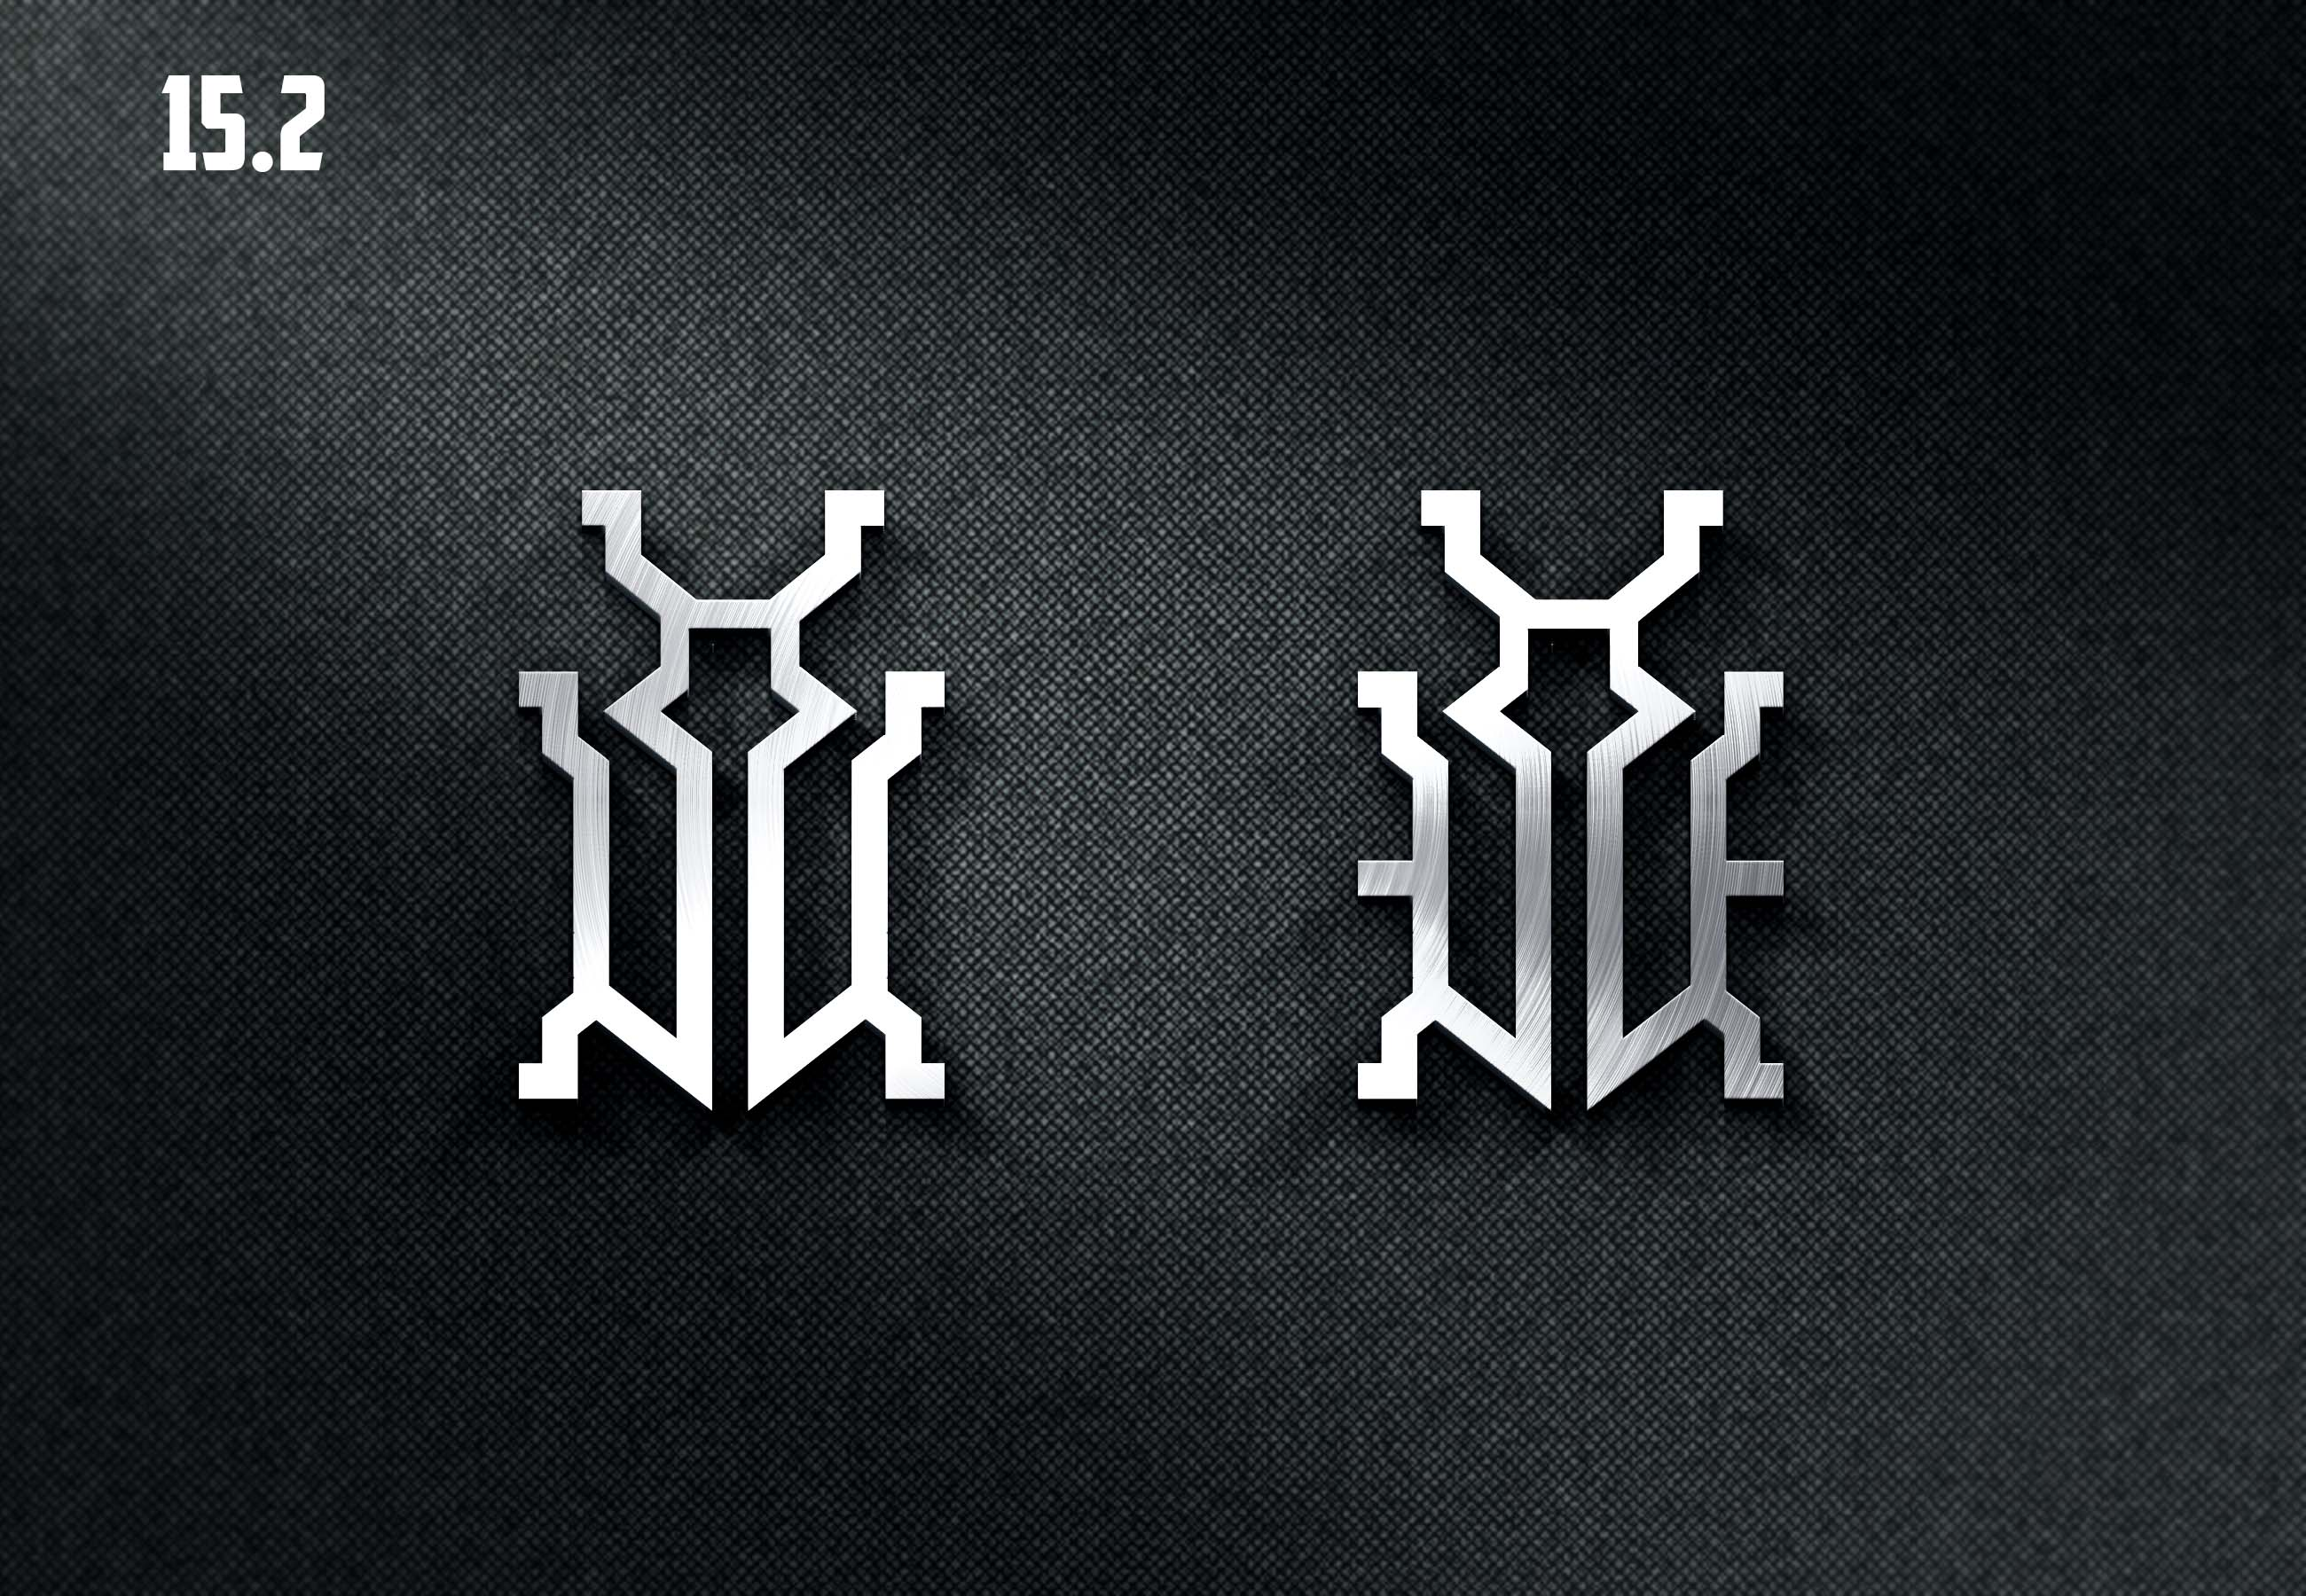 Нужен логотип (эмблема) для самодельного квадроцикла фото f_0765b1034eb5ce4d.jpg